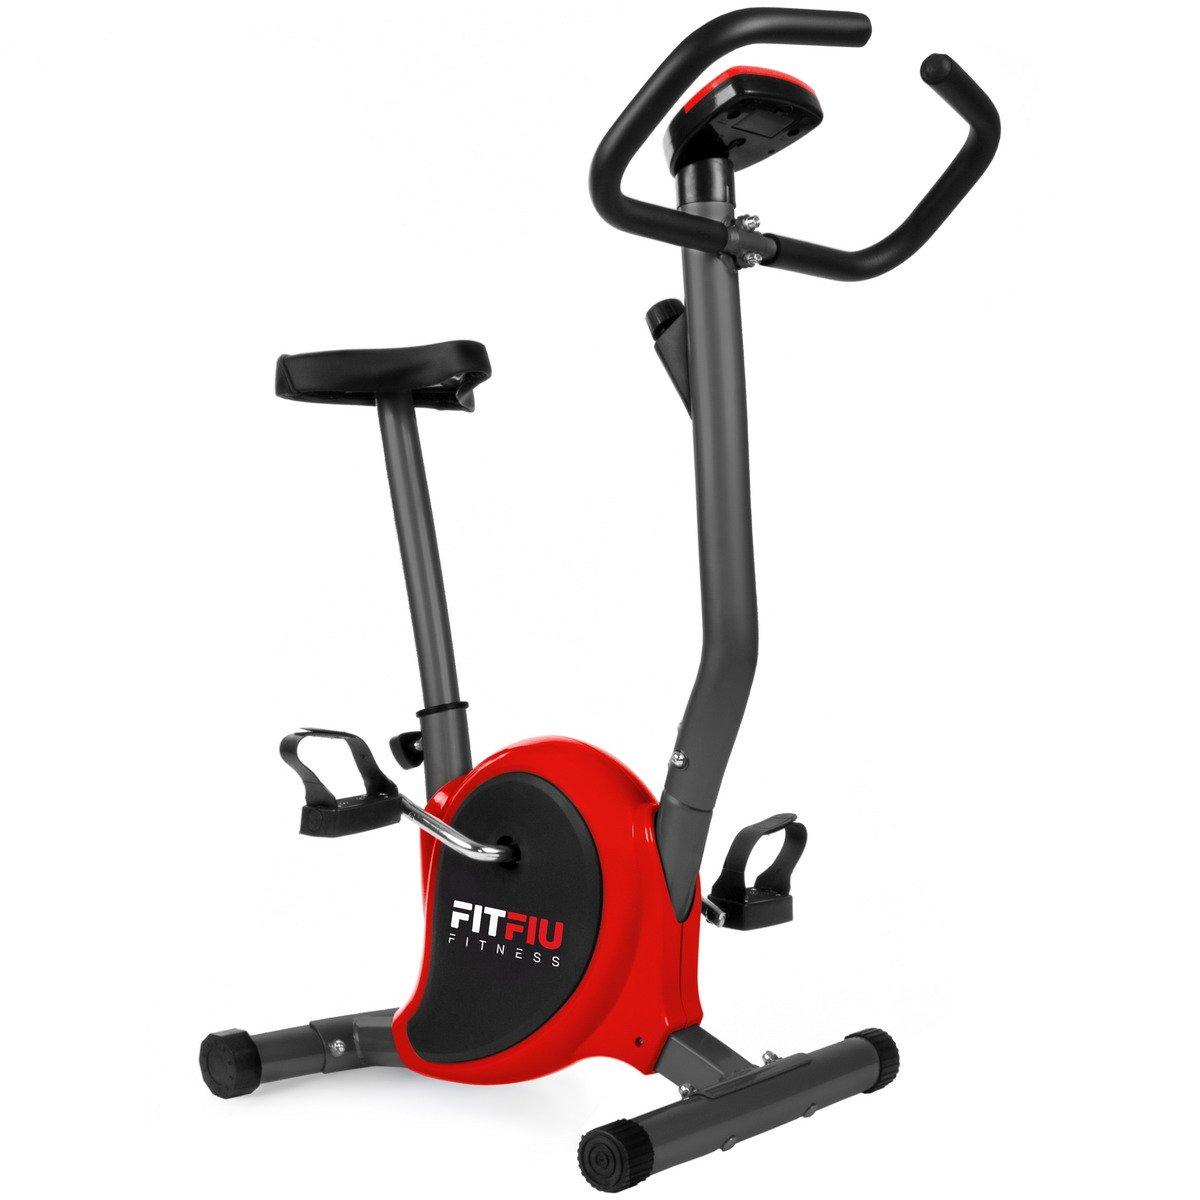 Fitfiu BEST-100 ROJA Bicicleta Estática Plegable, Rojo, S: Amazon.es: Deportes y aire libre